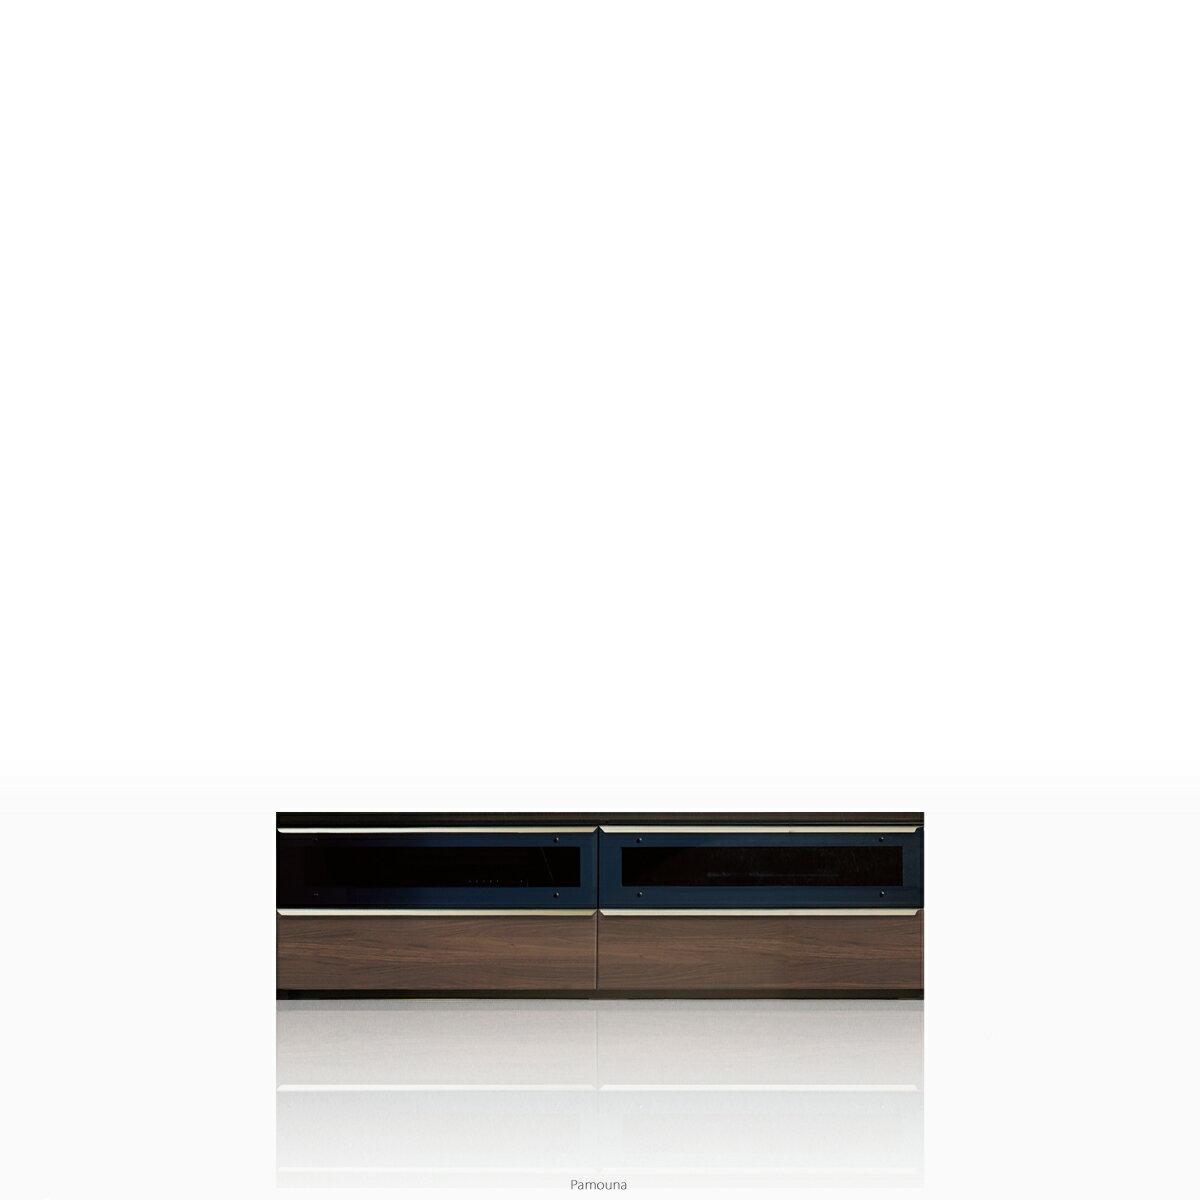 パモウナ テレビ台 VWシリーズ VW-1600 テレビ台/テレビボード ローボード (幅160cm, ウォールナット)【この商品は配送地域限定[本州、四国、九州]】【同梱不可】【店頭受取対応商品】